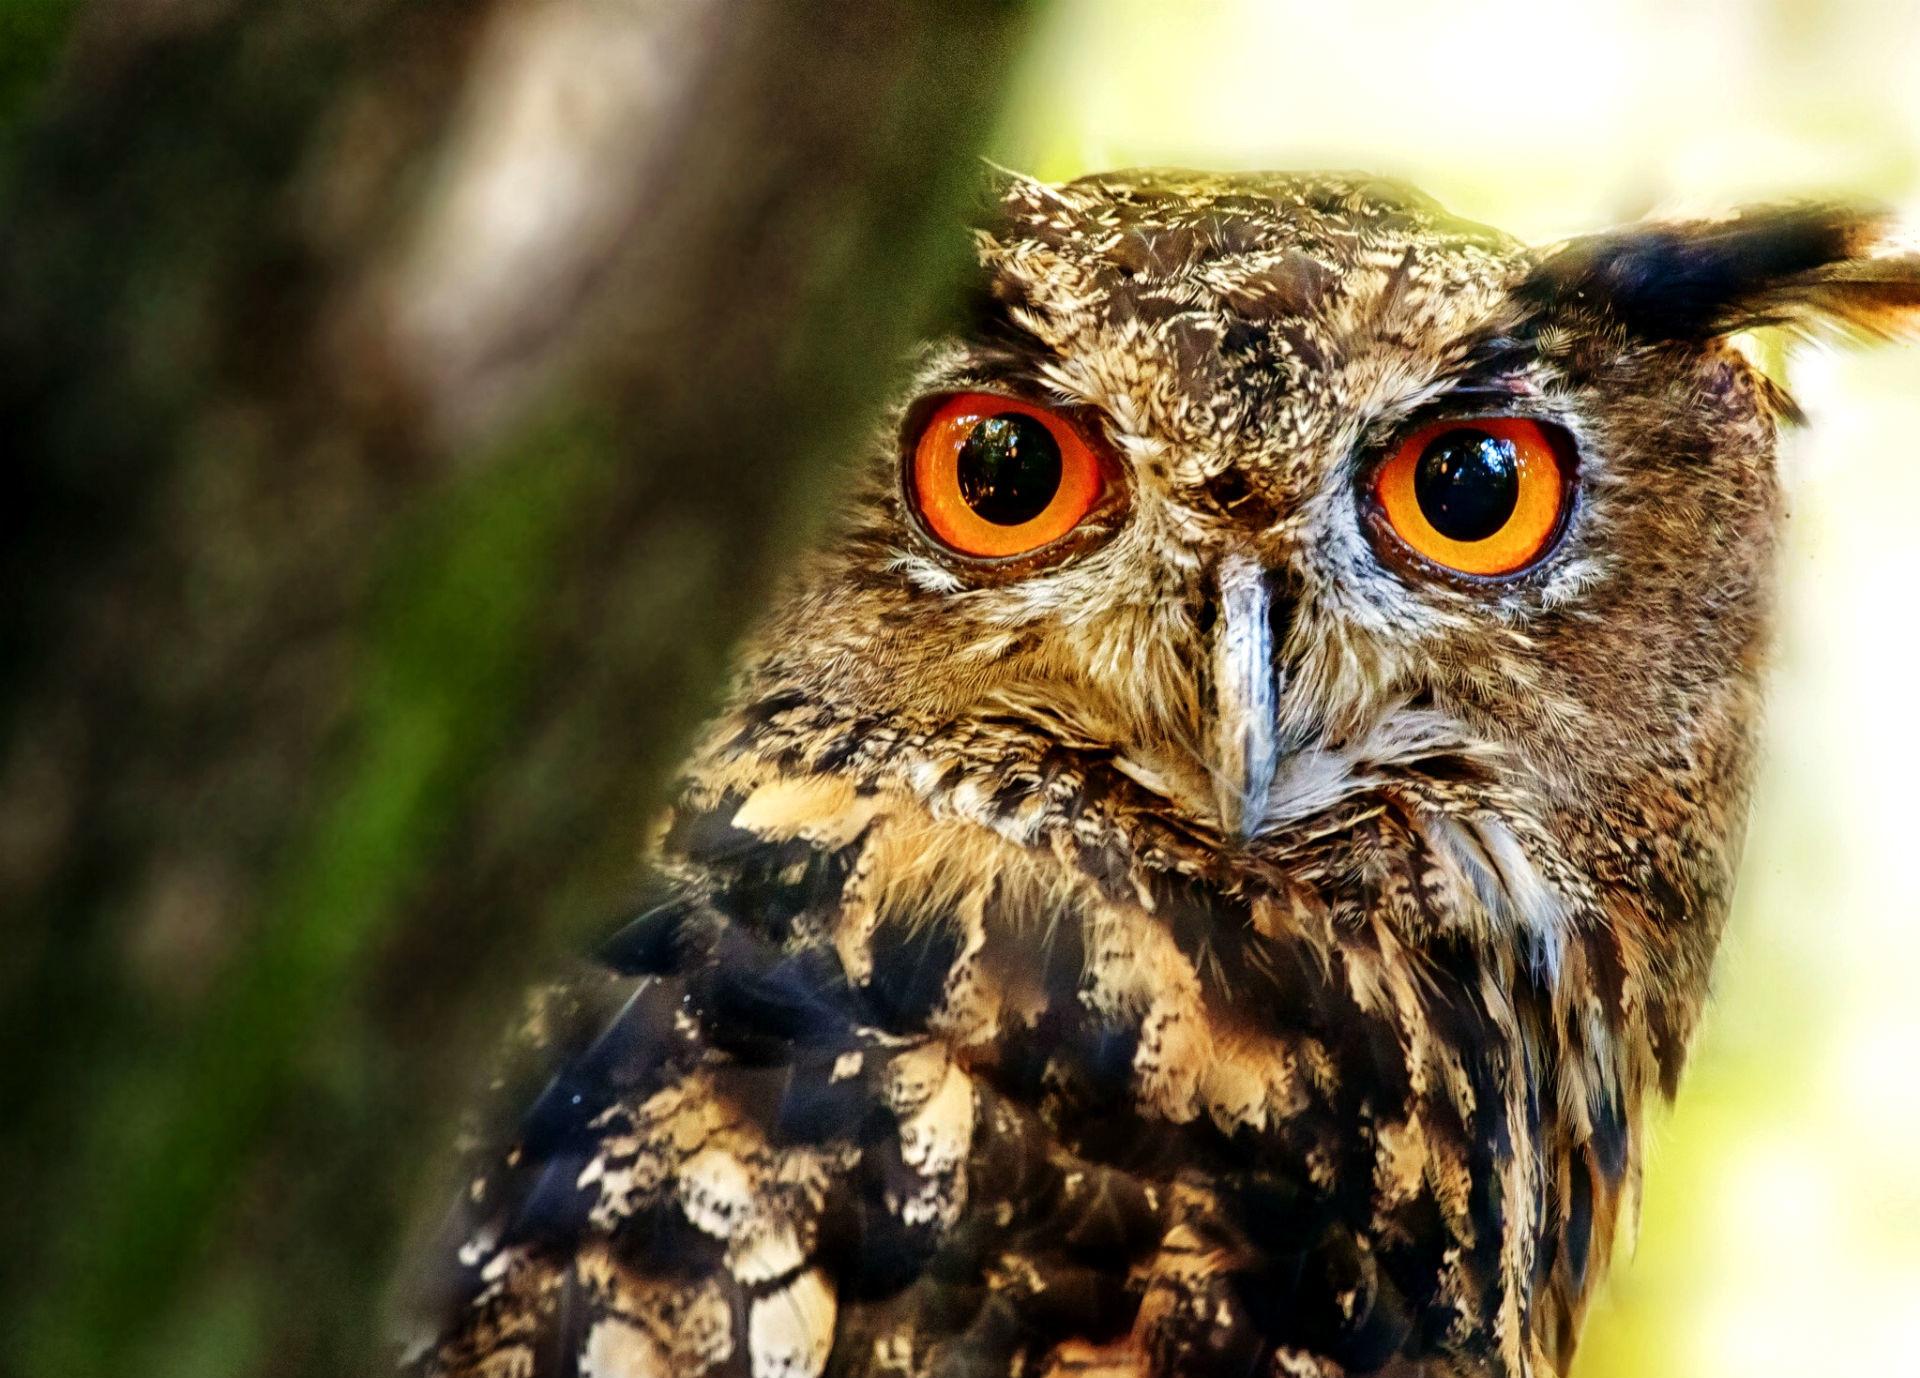 … Great Horned Owl Wallpaper